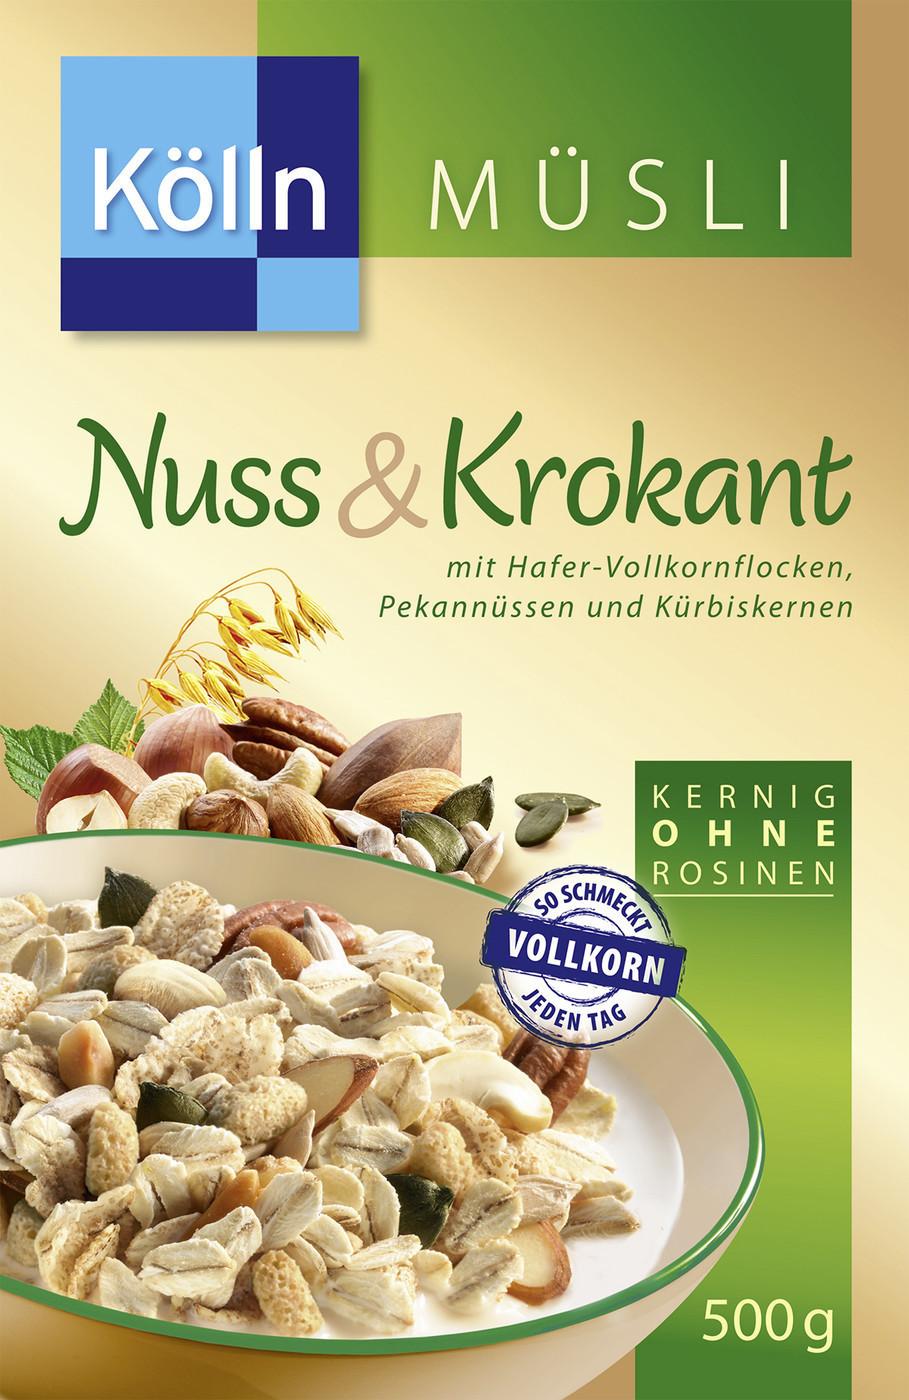 Kölln Müsli Nuss & Krokant (500 g)